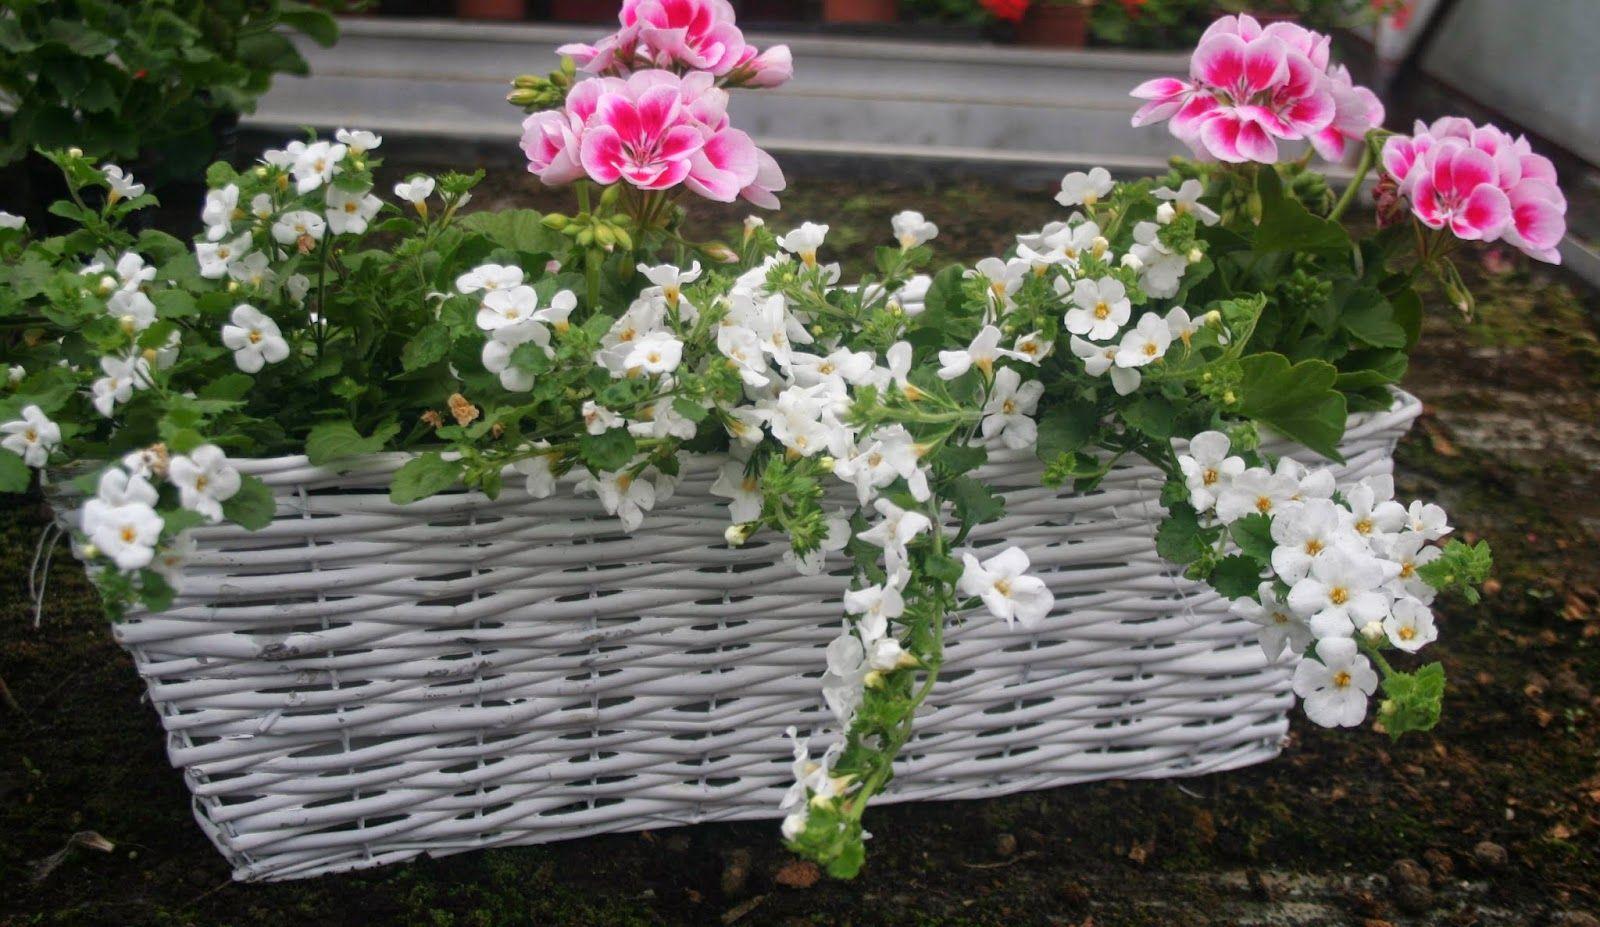 Smak życia Kompozycje Kwiatowe Na Balkon I Do Ogrodu